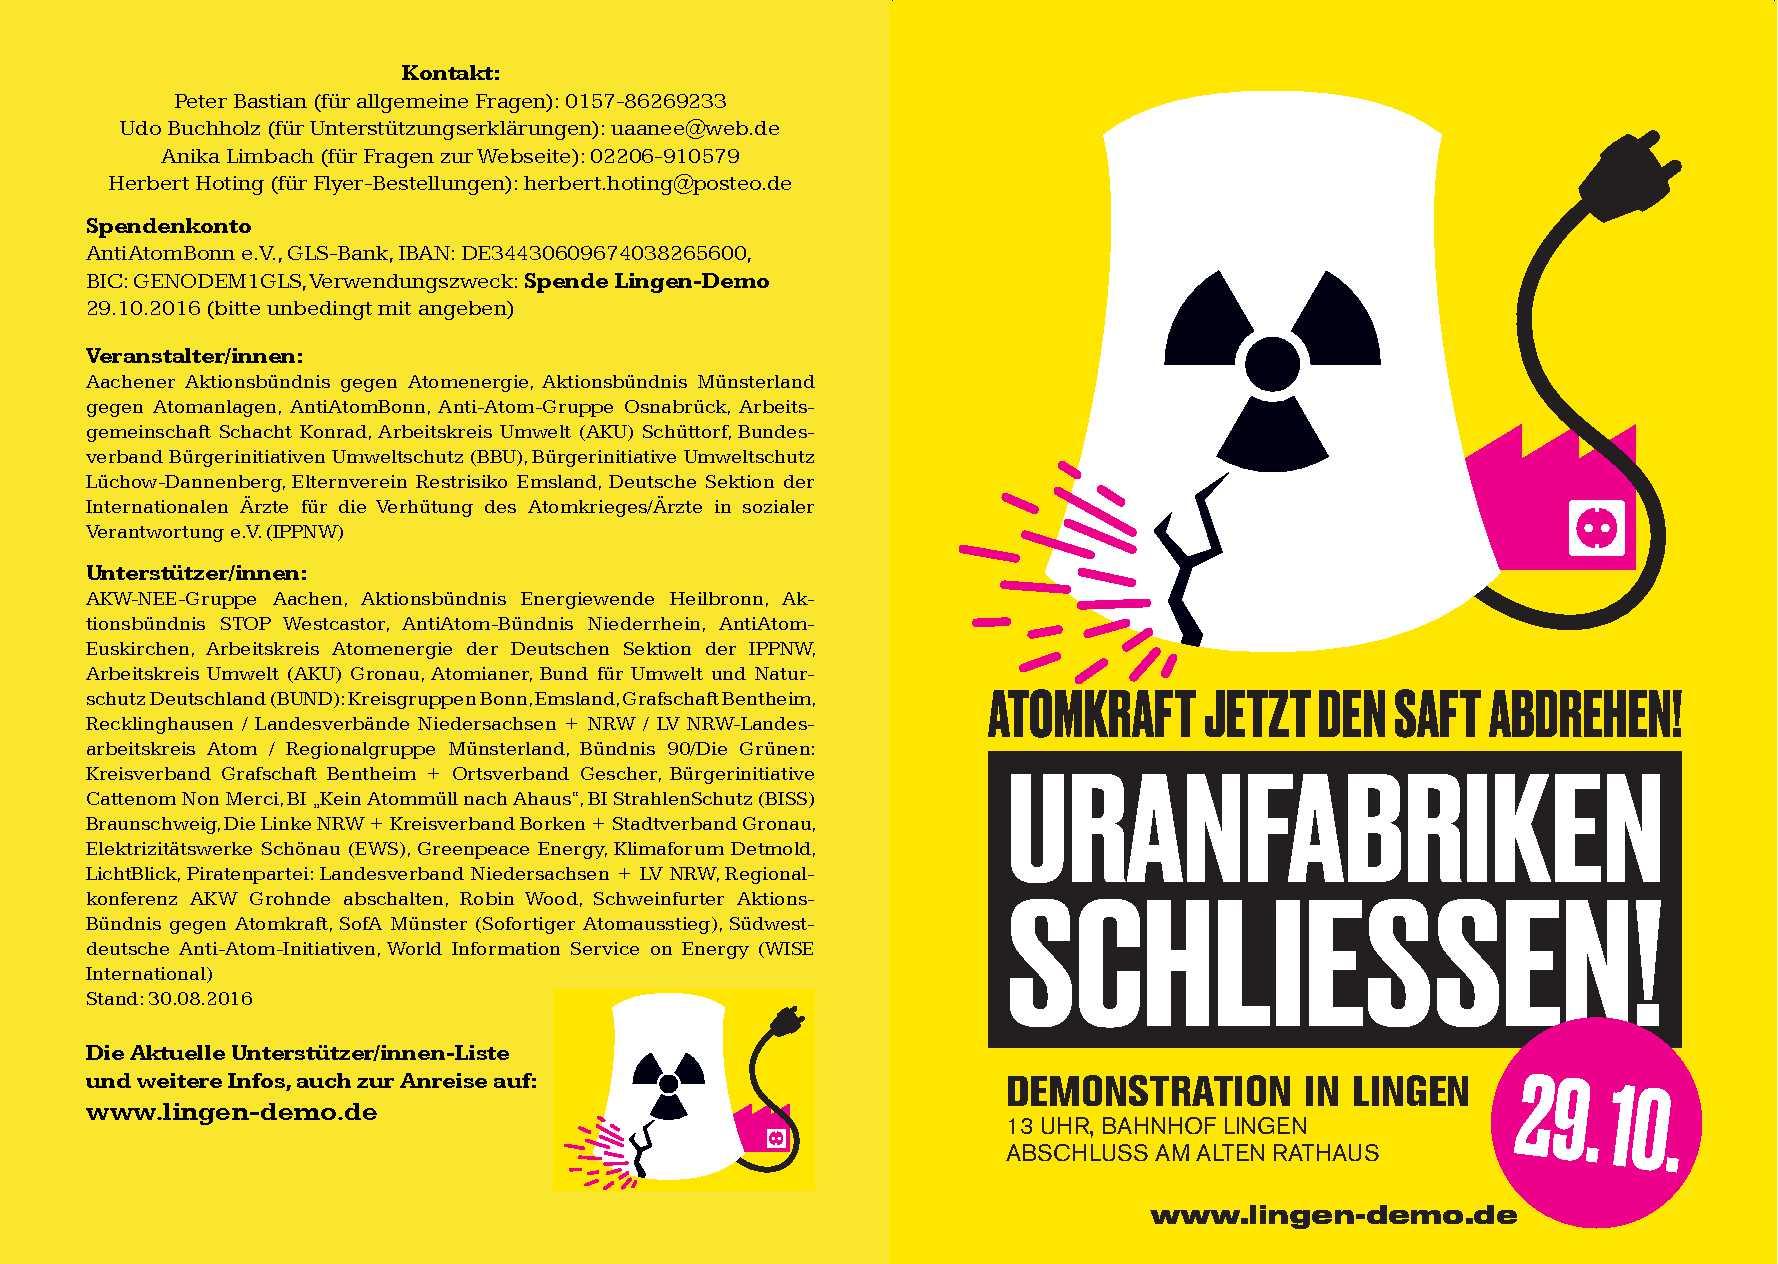 Faltblatt-Demo-Lingen_1.jpg